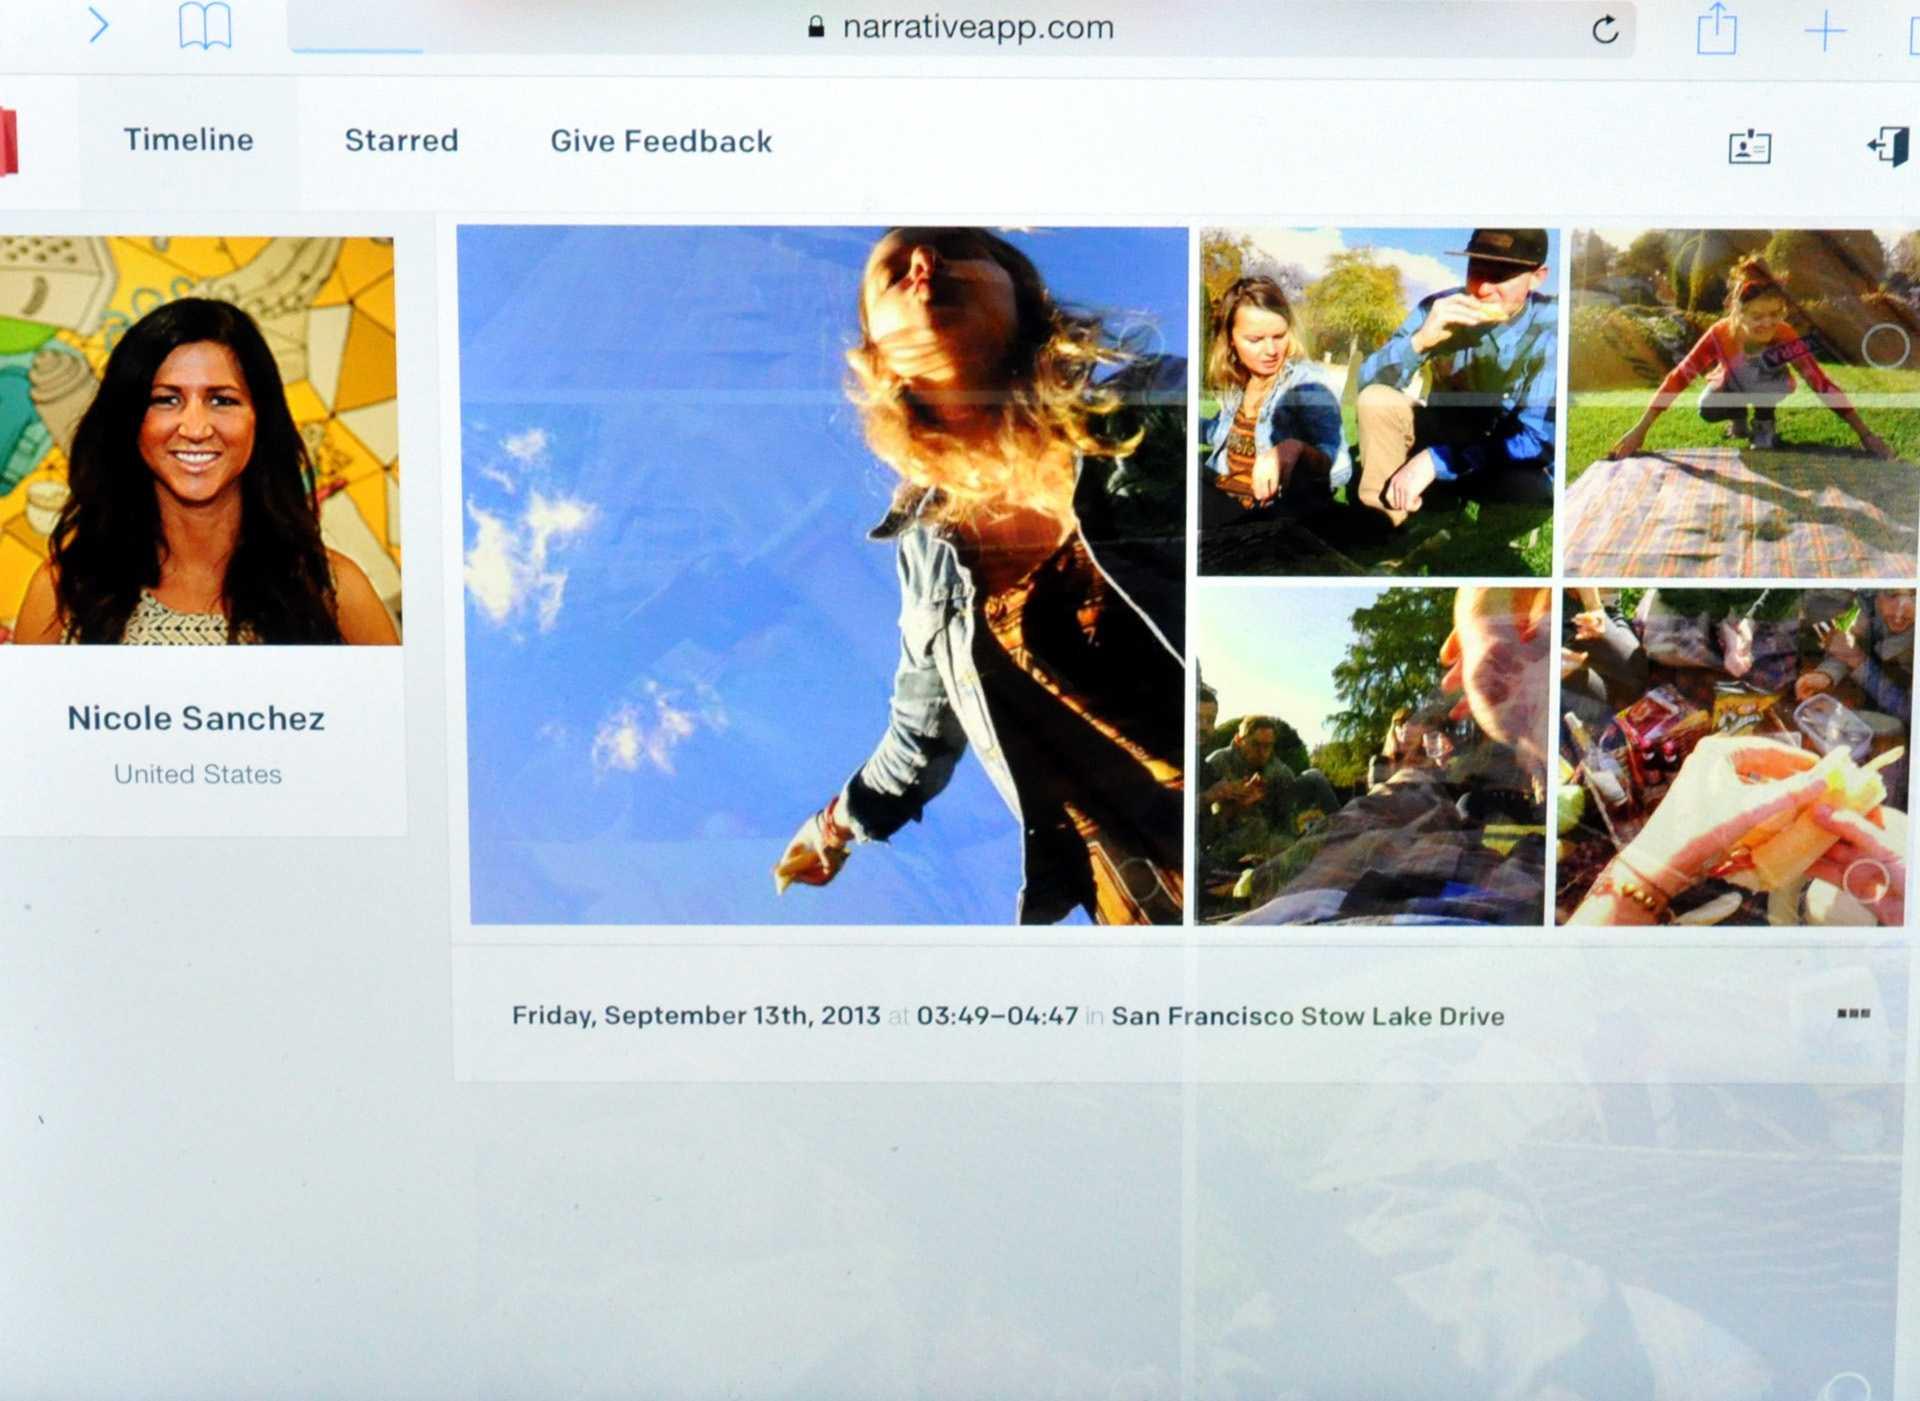 Die Narrative-App (hier im Browser) zeigt für jedes Bild die ungefähre Adresse an.